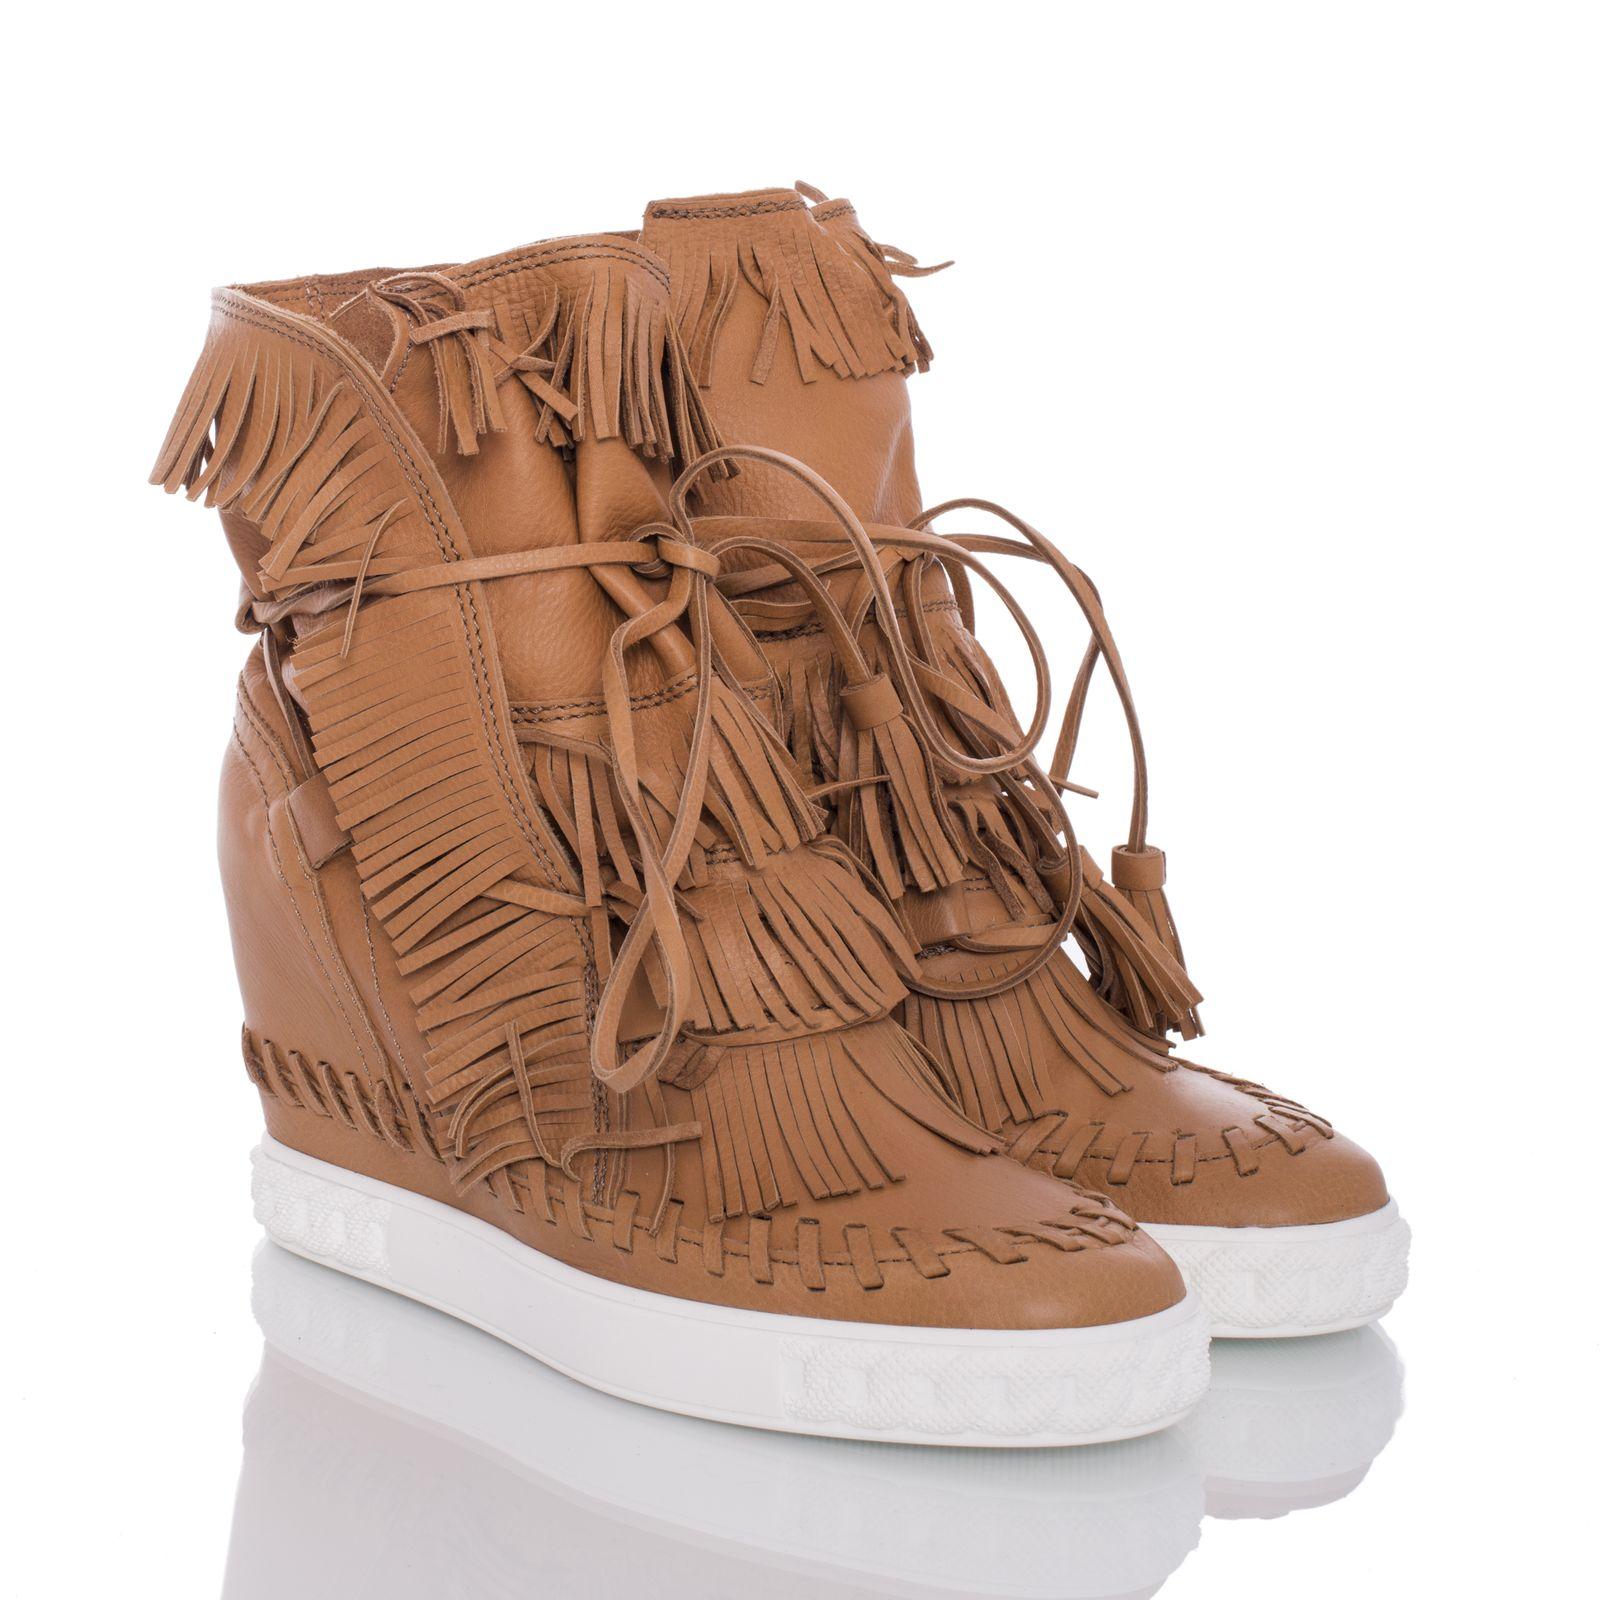 37d9eba226d1 Sneakersy CASADEI – Kup Teraz! Najlepsze ceny i opinie! Sklep  PlacTrzechKrzyzy.com